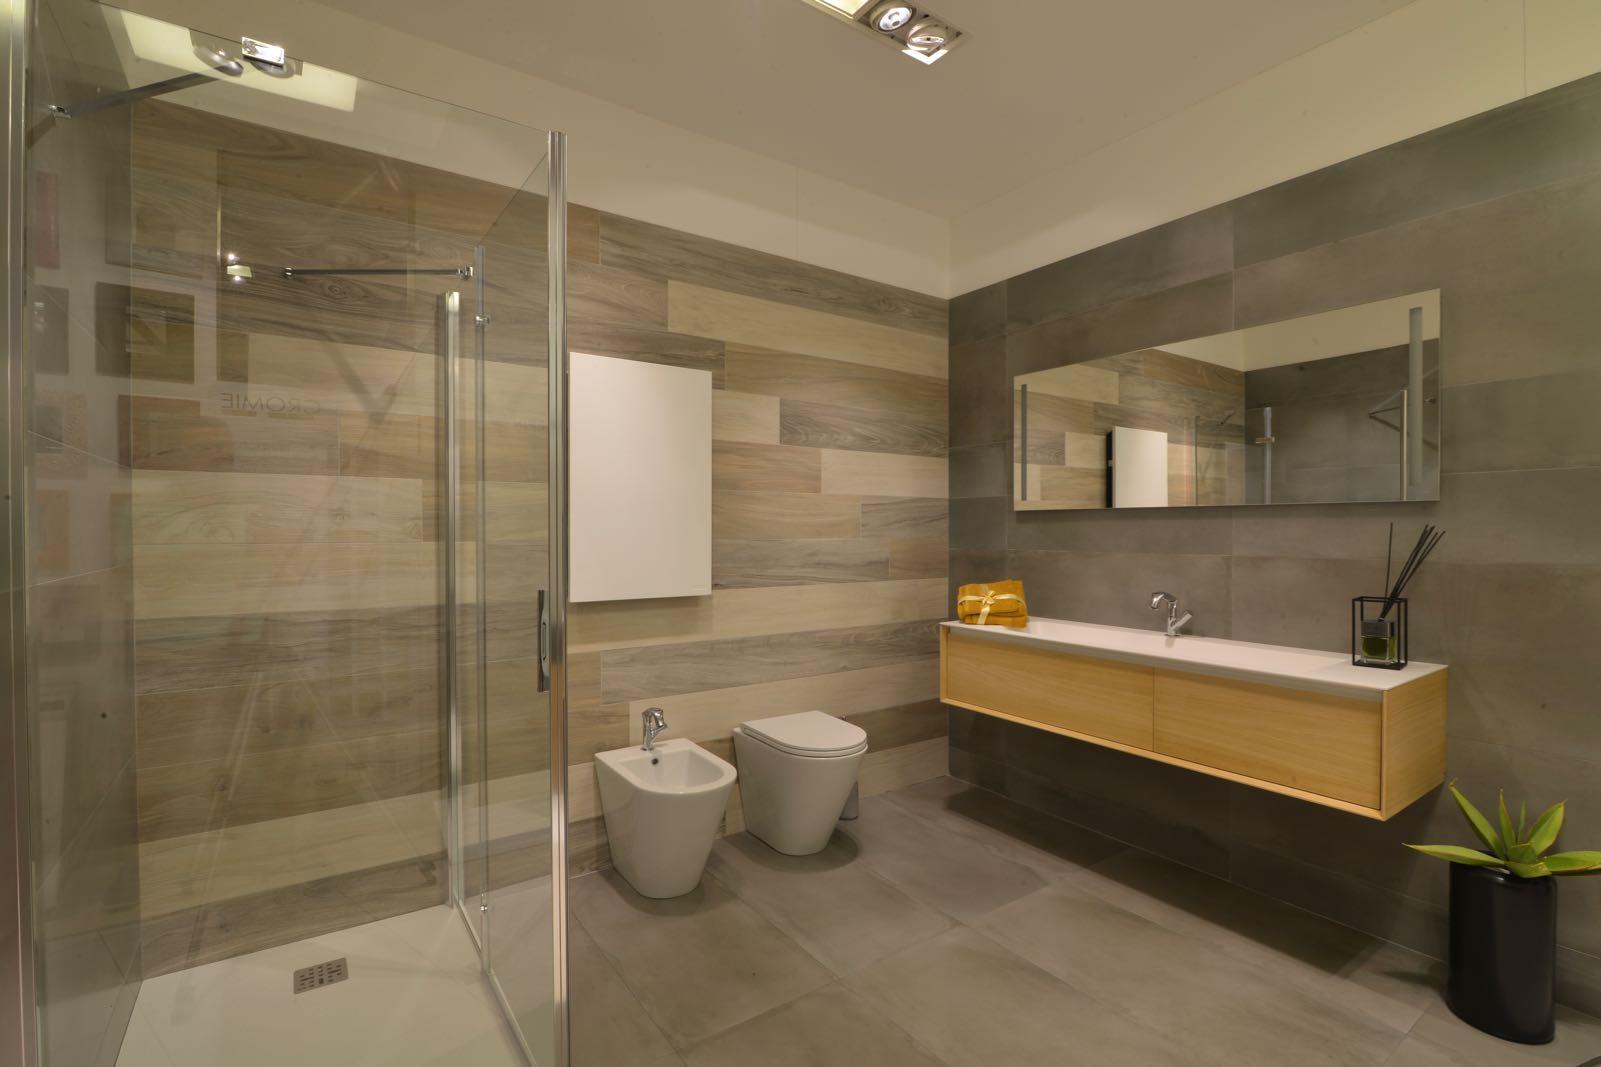 Mobili bagno funzionali design casa creativa e mobili - Mobili del bagno ...